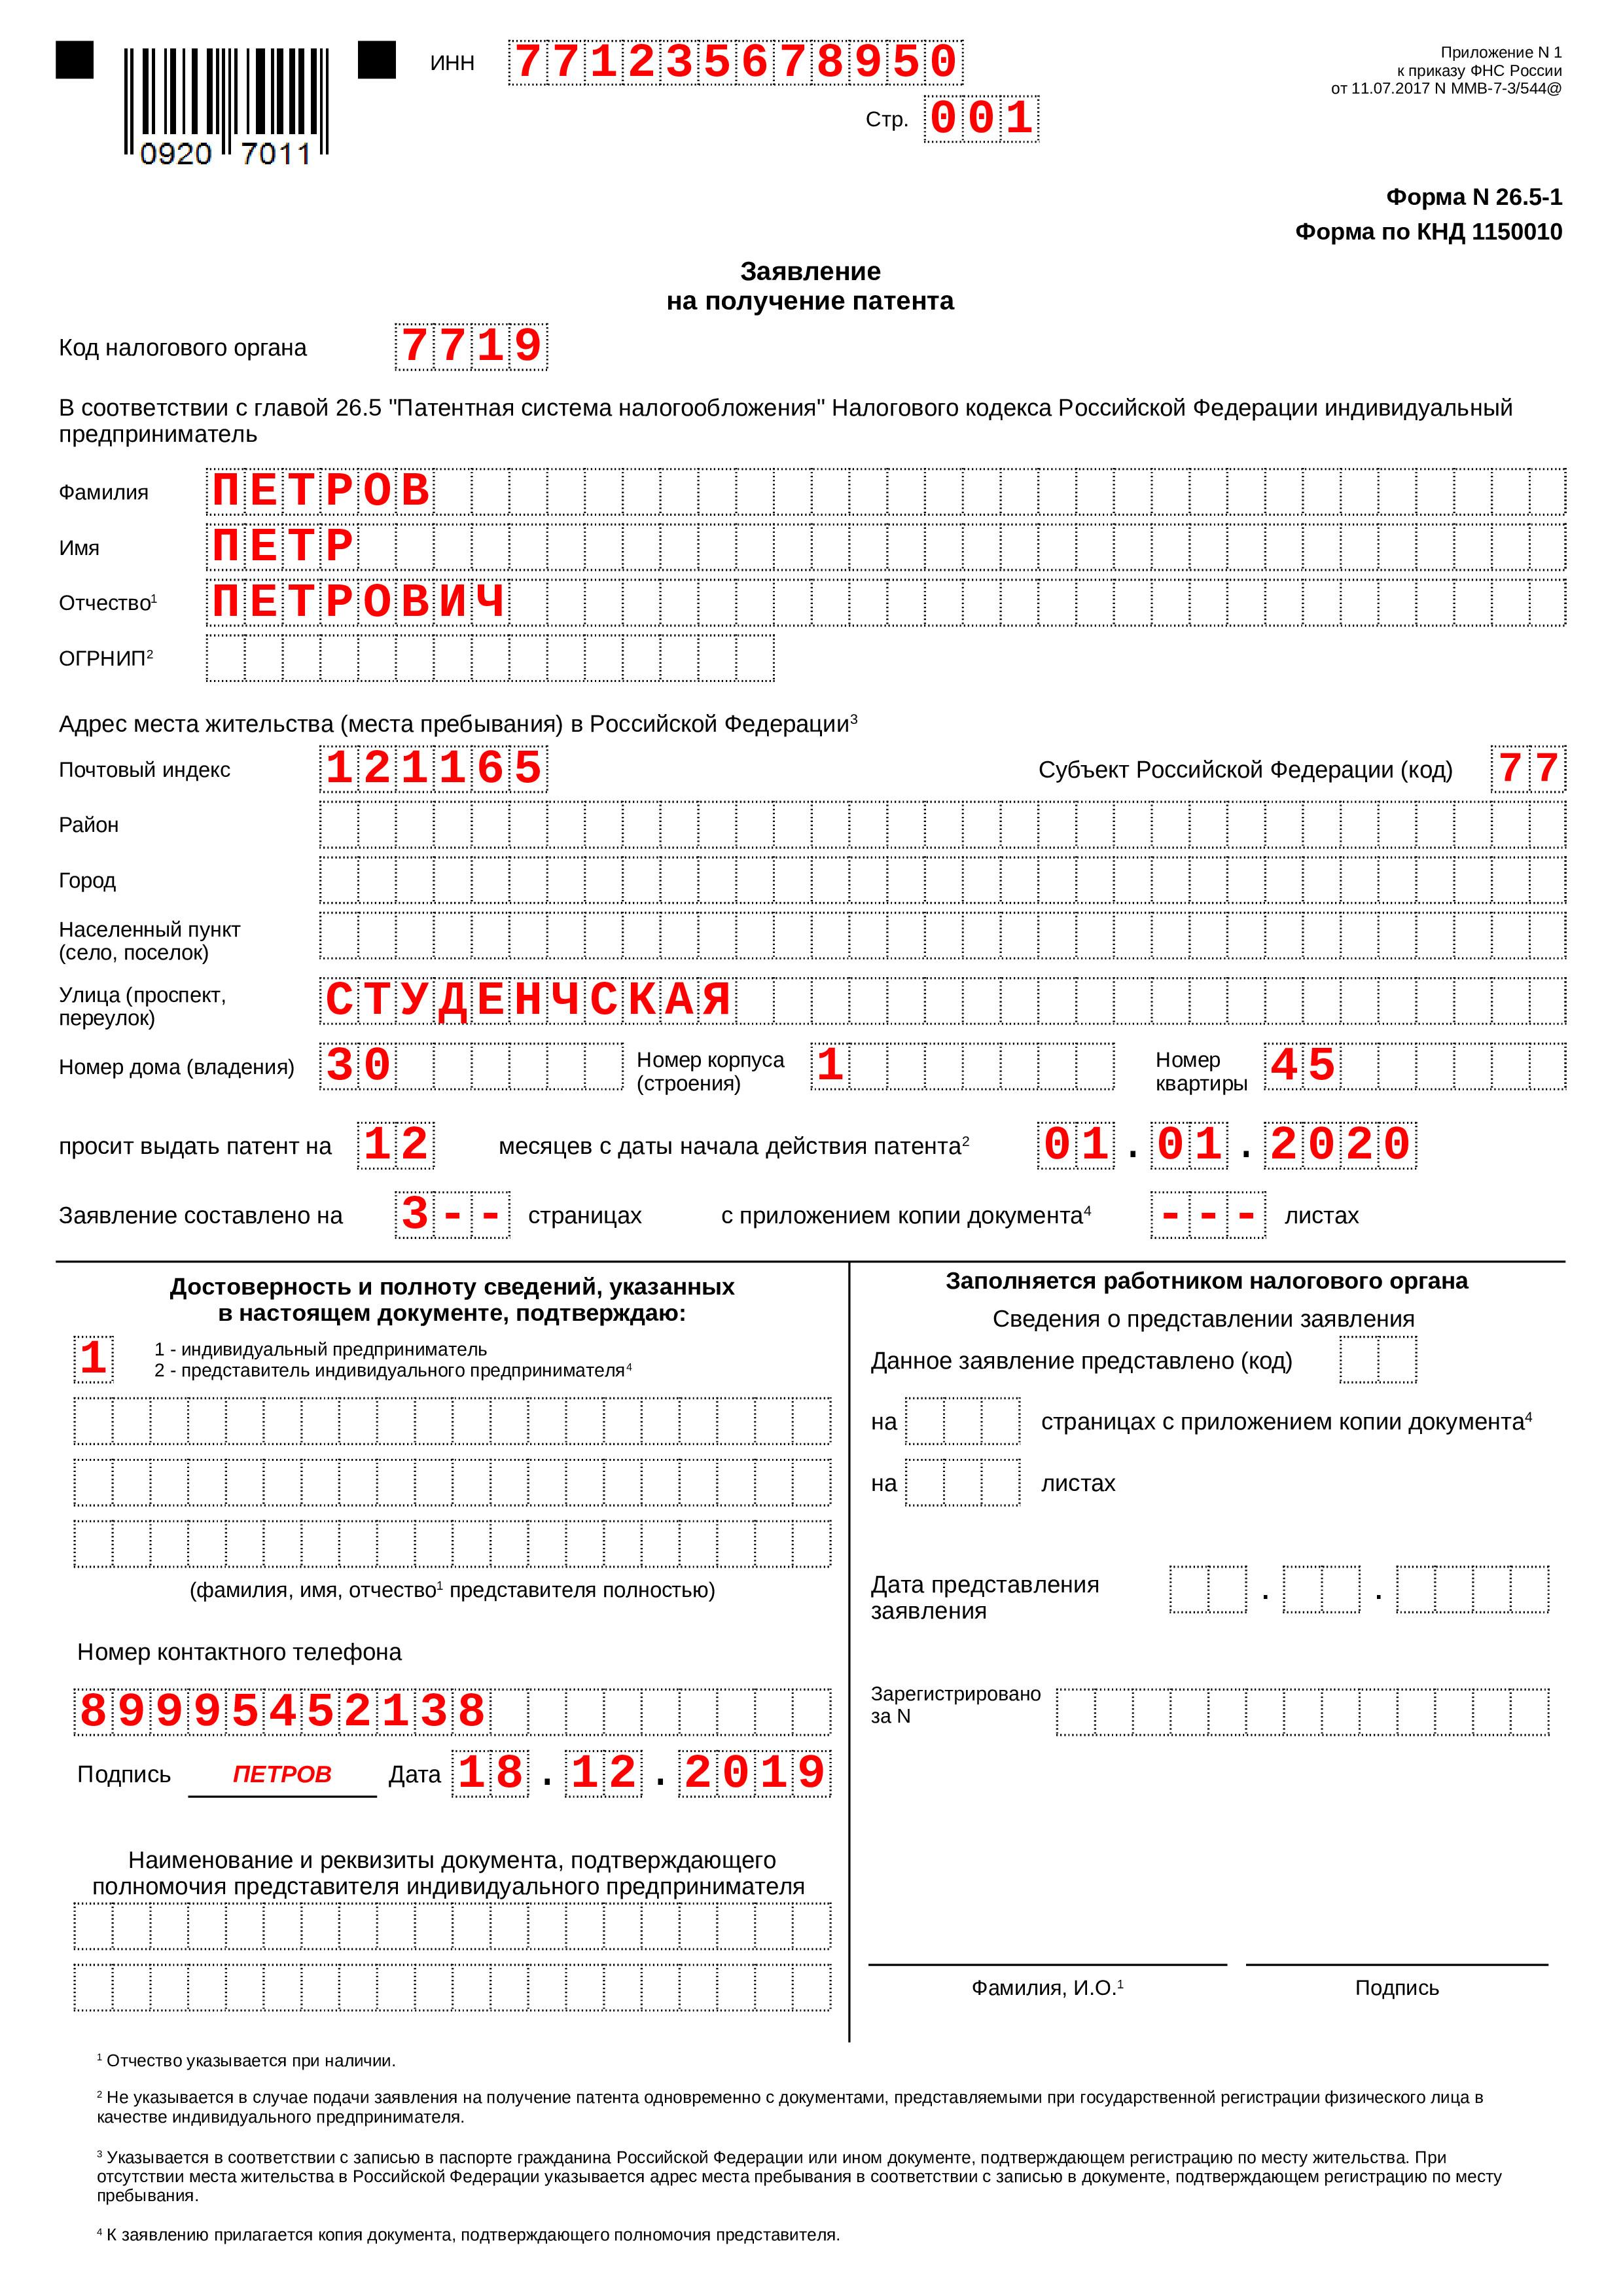 Закрытие ИП на патенте в 2020 году  пошаговая инструкция бесплатно образцы документы